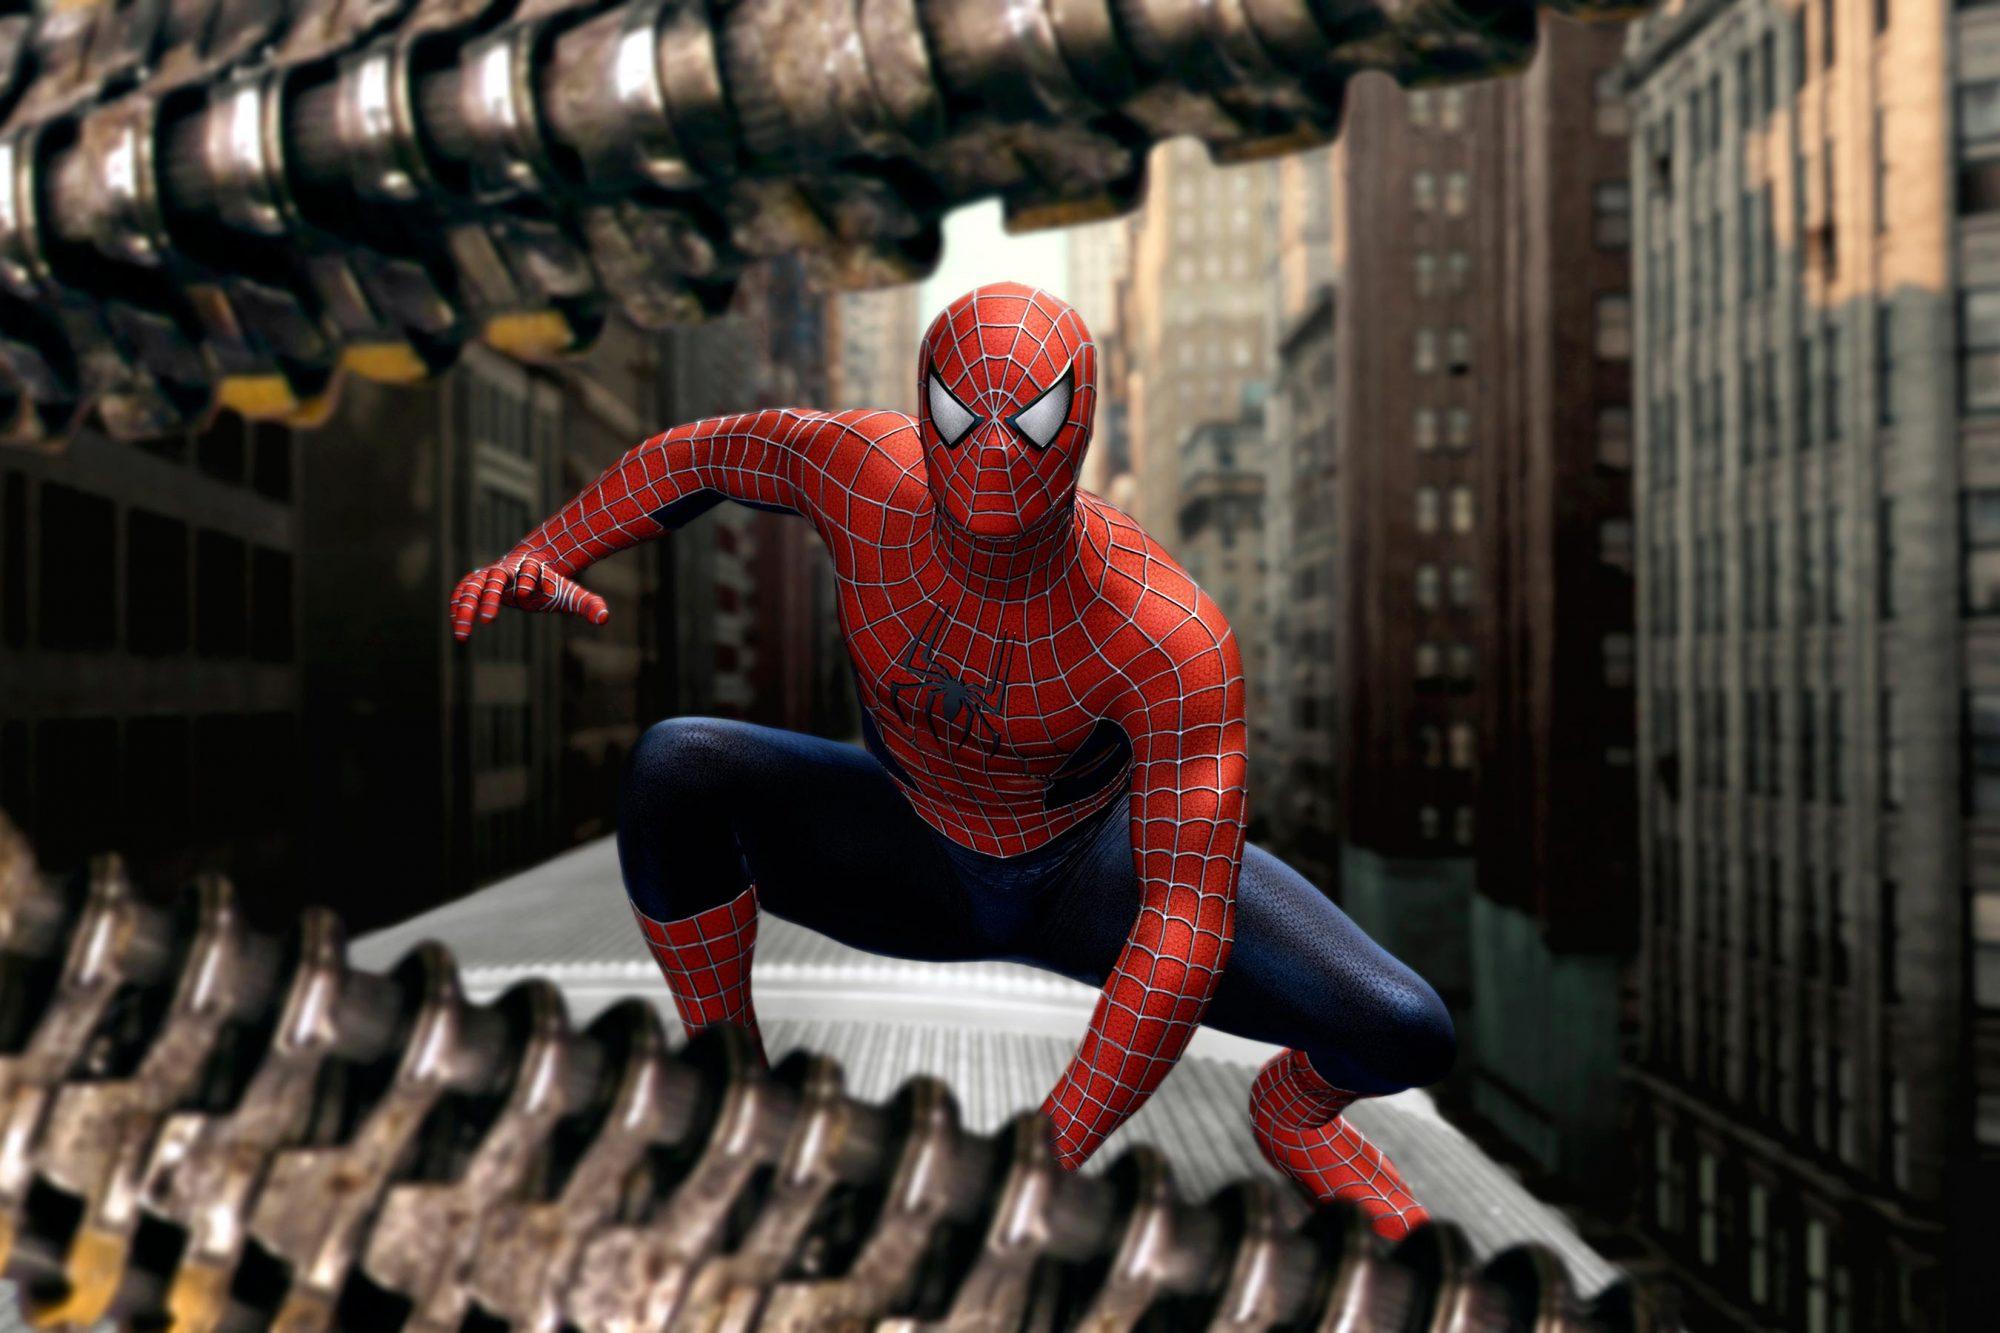 Spider-Man 2 (2004)Tobey Maguire